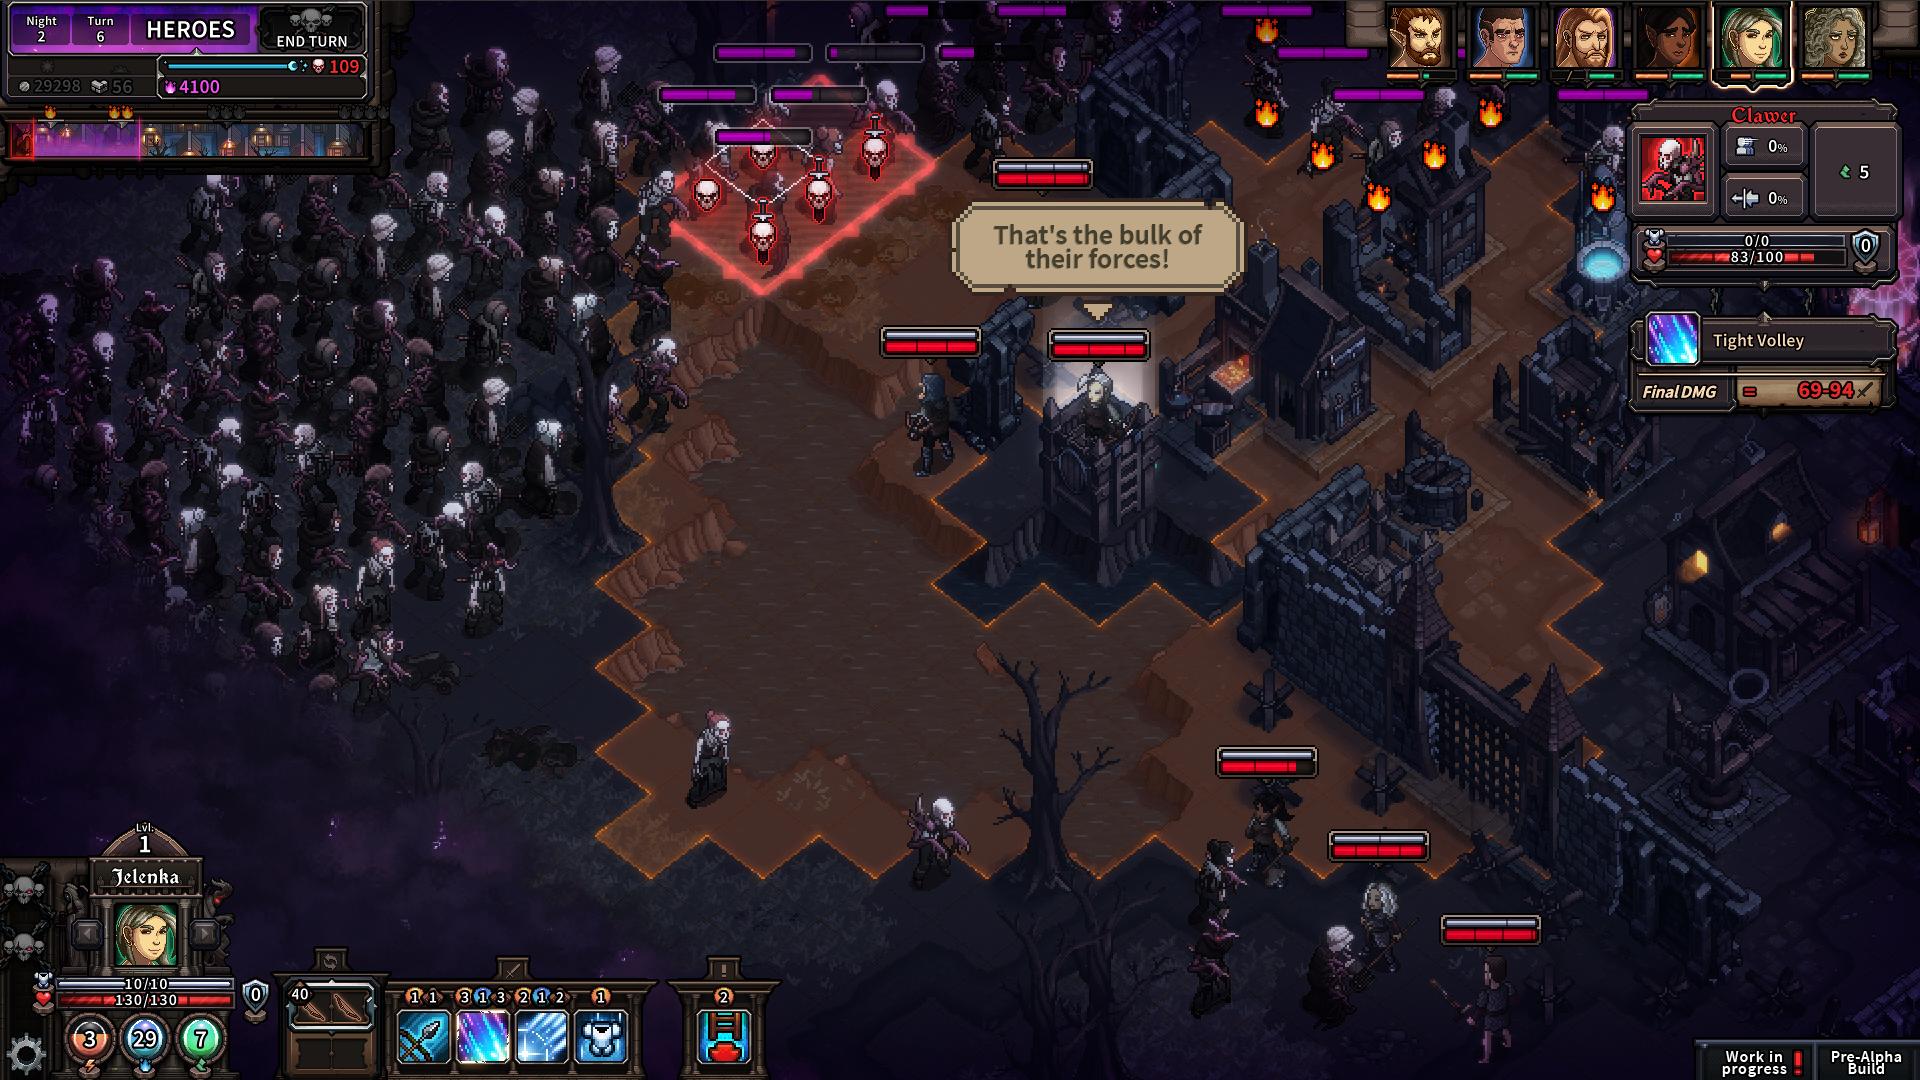 The Last Spell - Observation des ennemis depuis une tour de guet